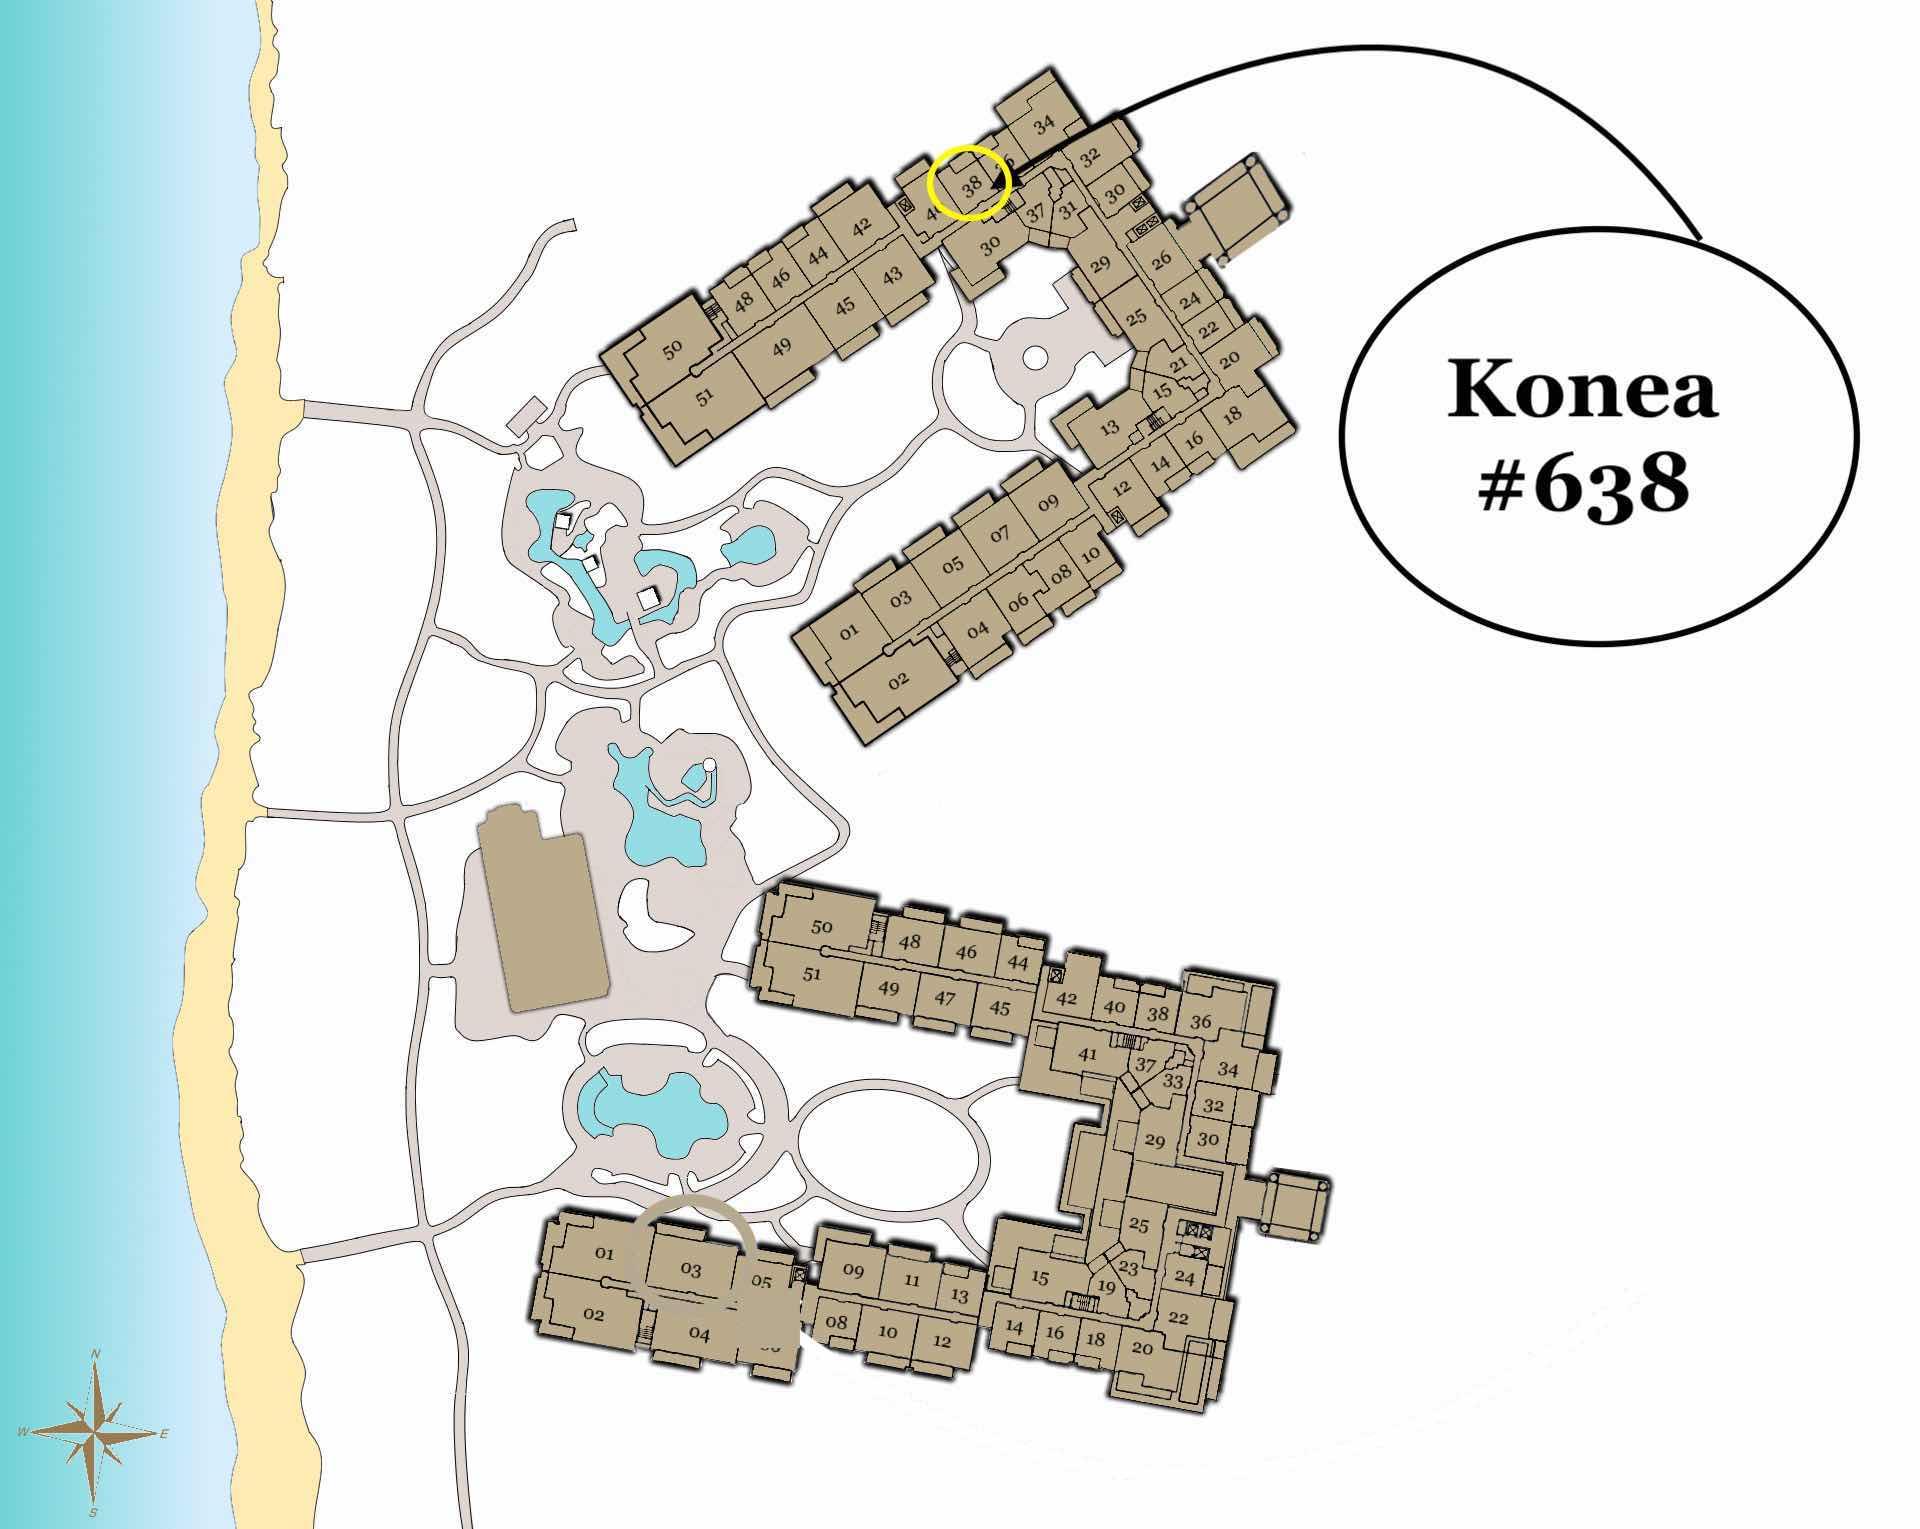 Konea 638 Location